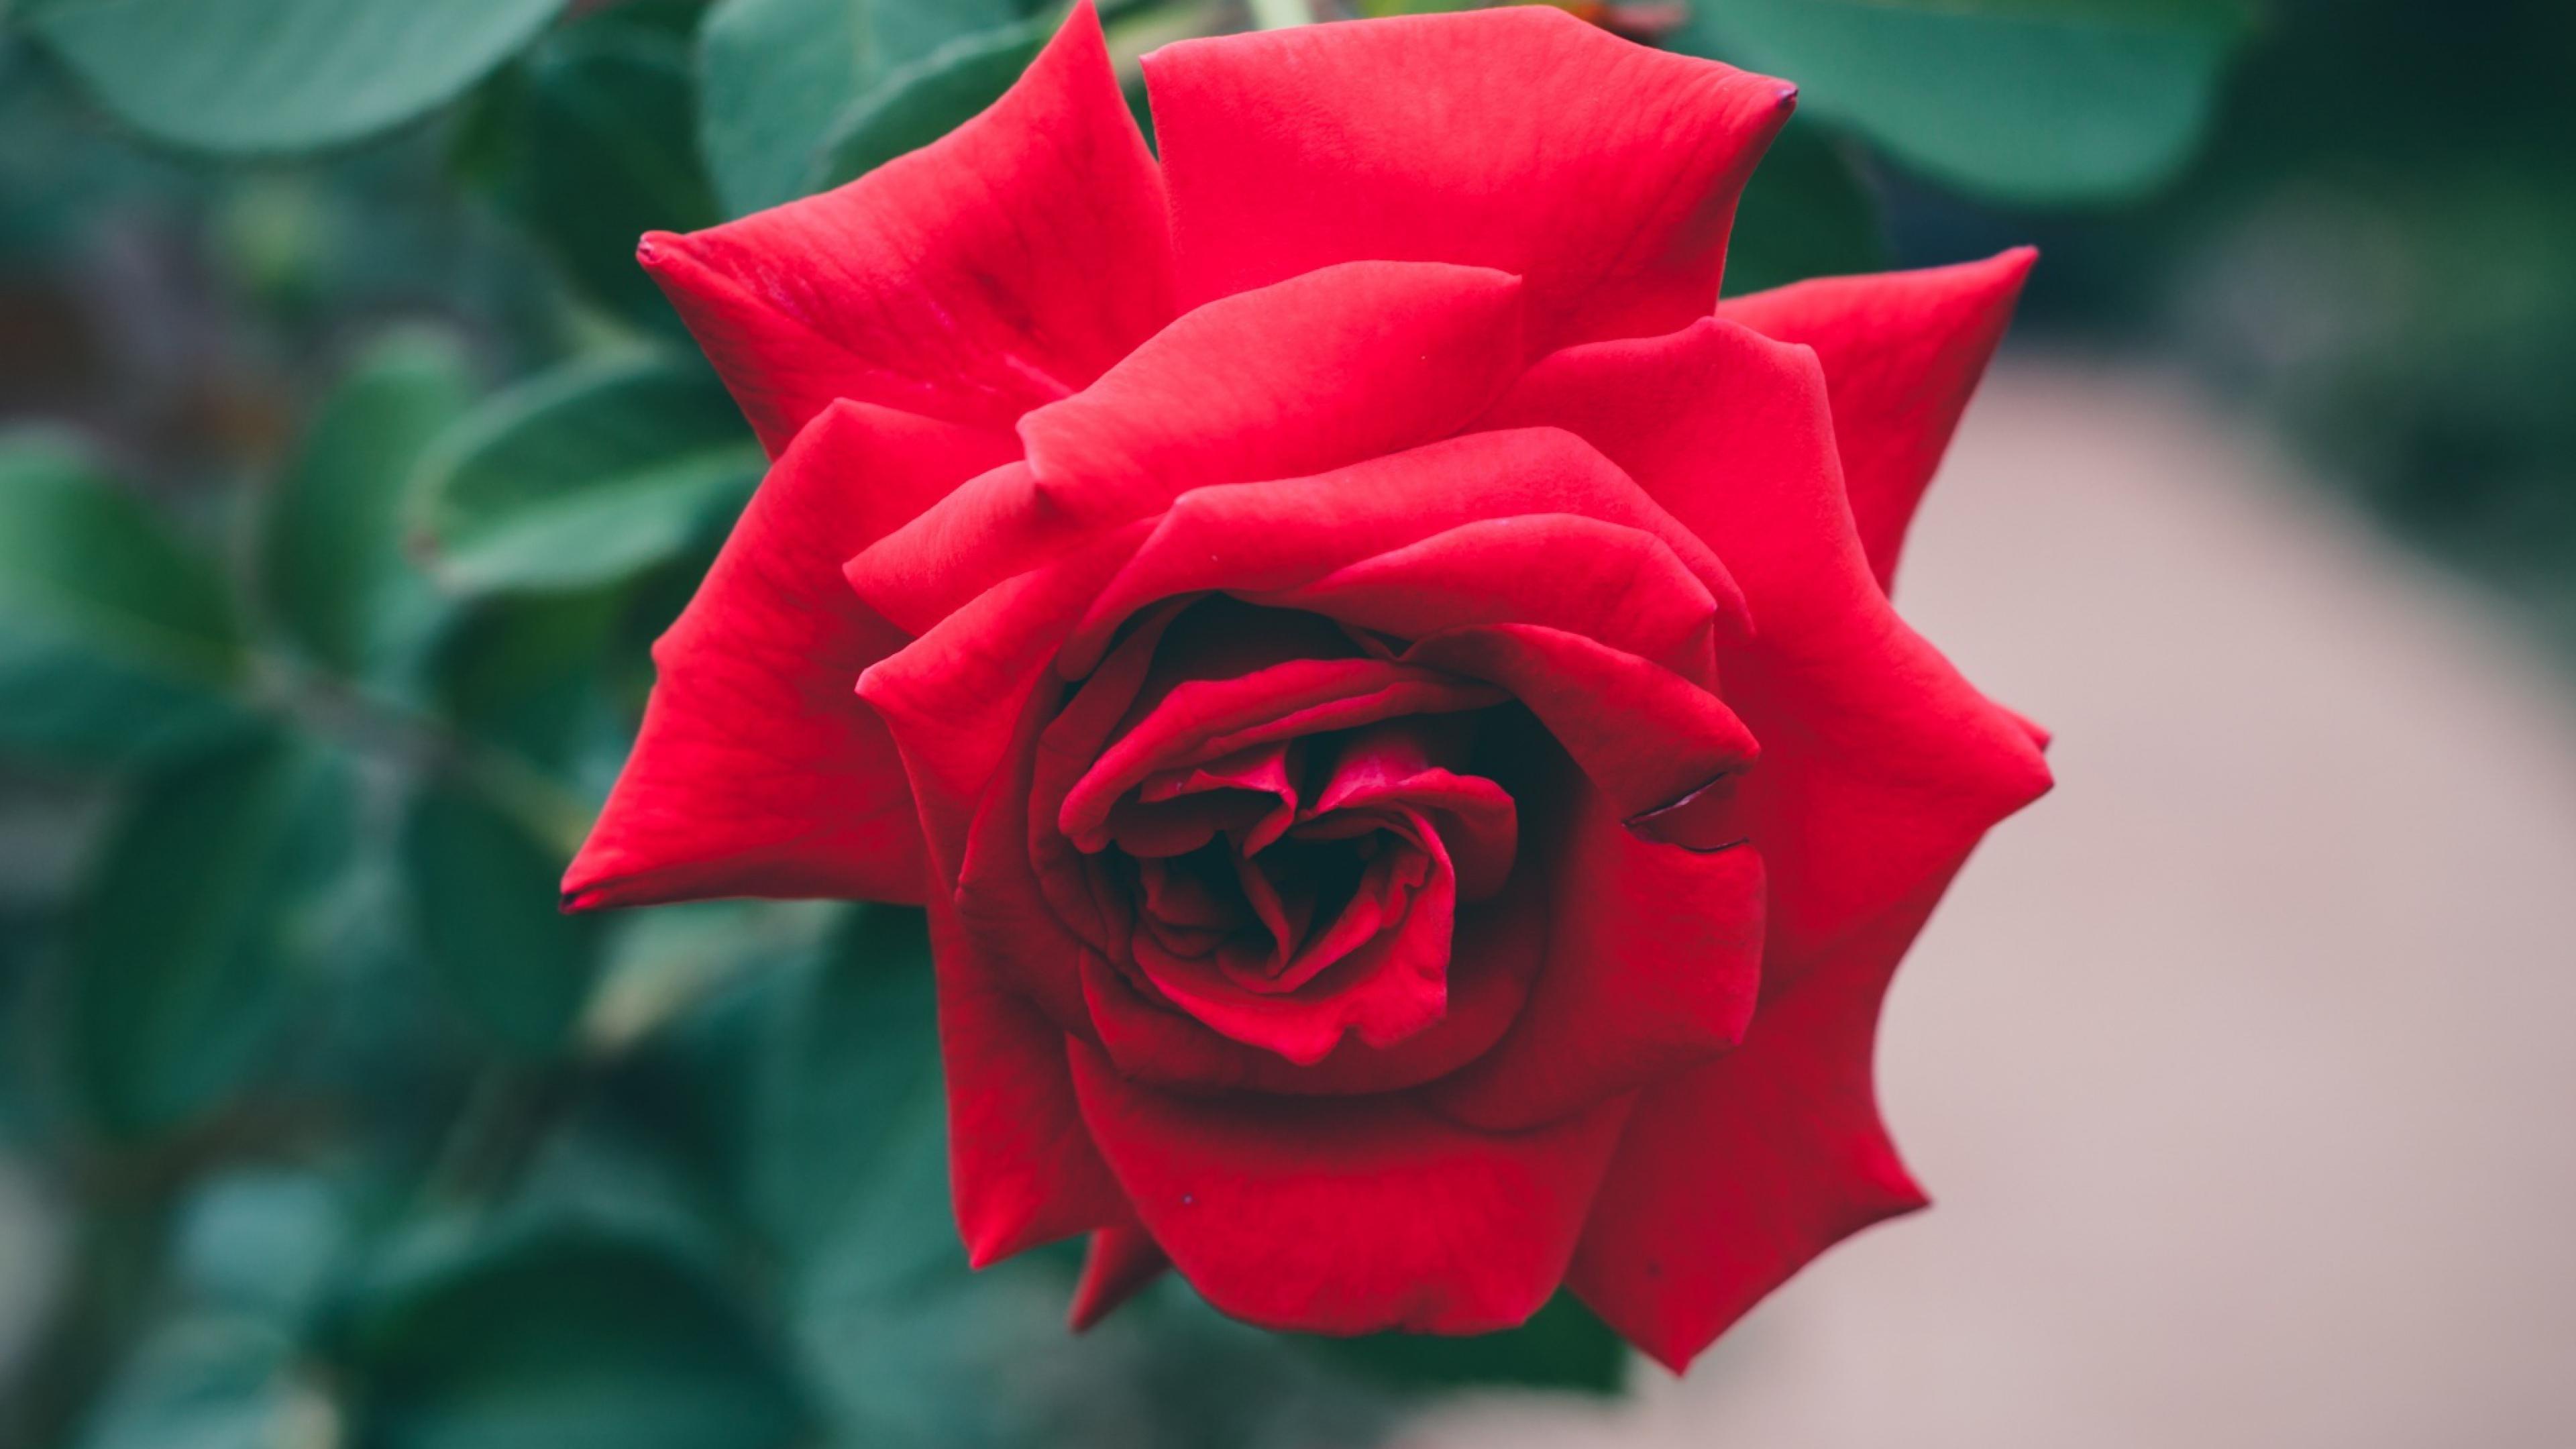 красные розы листья стебли без регистрации